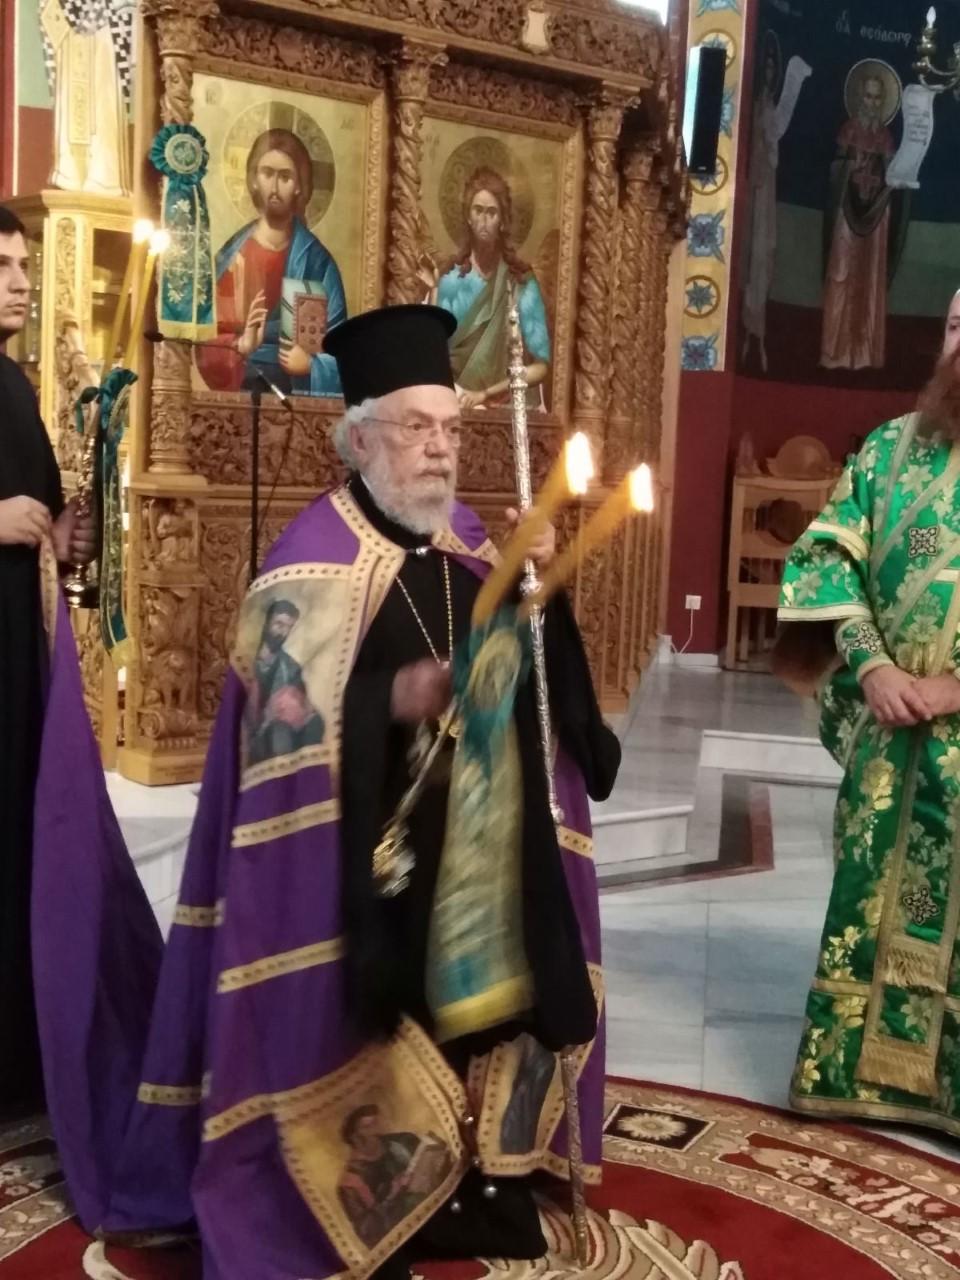 Ο Σεβ. Βρυούλων Παντελεήμων ιερούργησε στον Τίμιο Σταυρό Ωραιοκάστρου